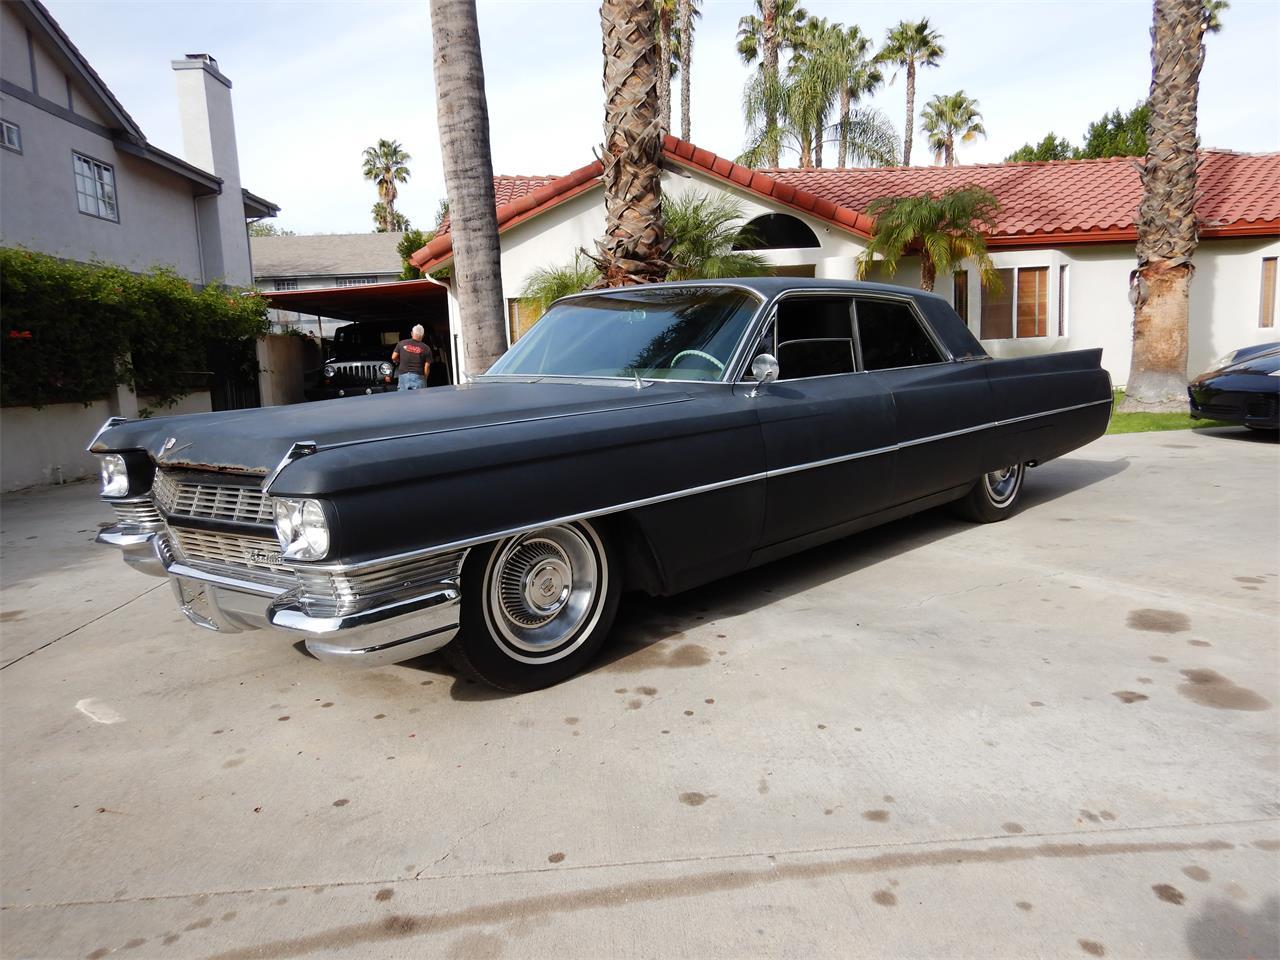 1964 cadillac sedan deville for sale. Black Bedroom Furniture Sets. Home Design Ideas